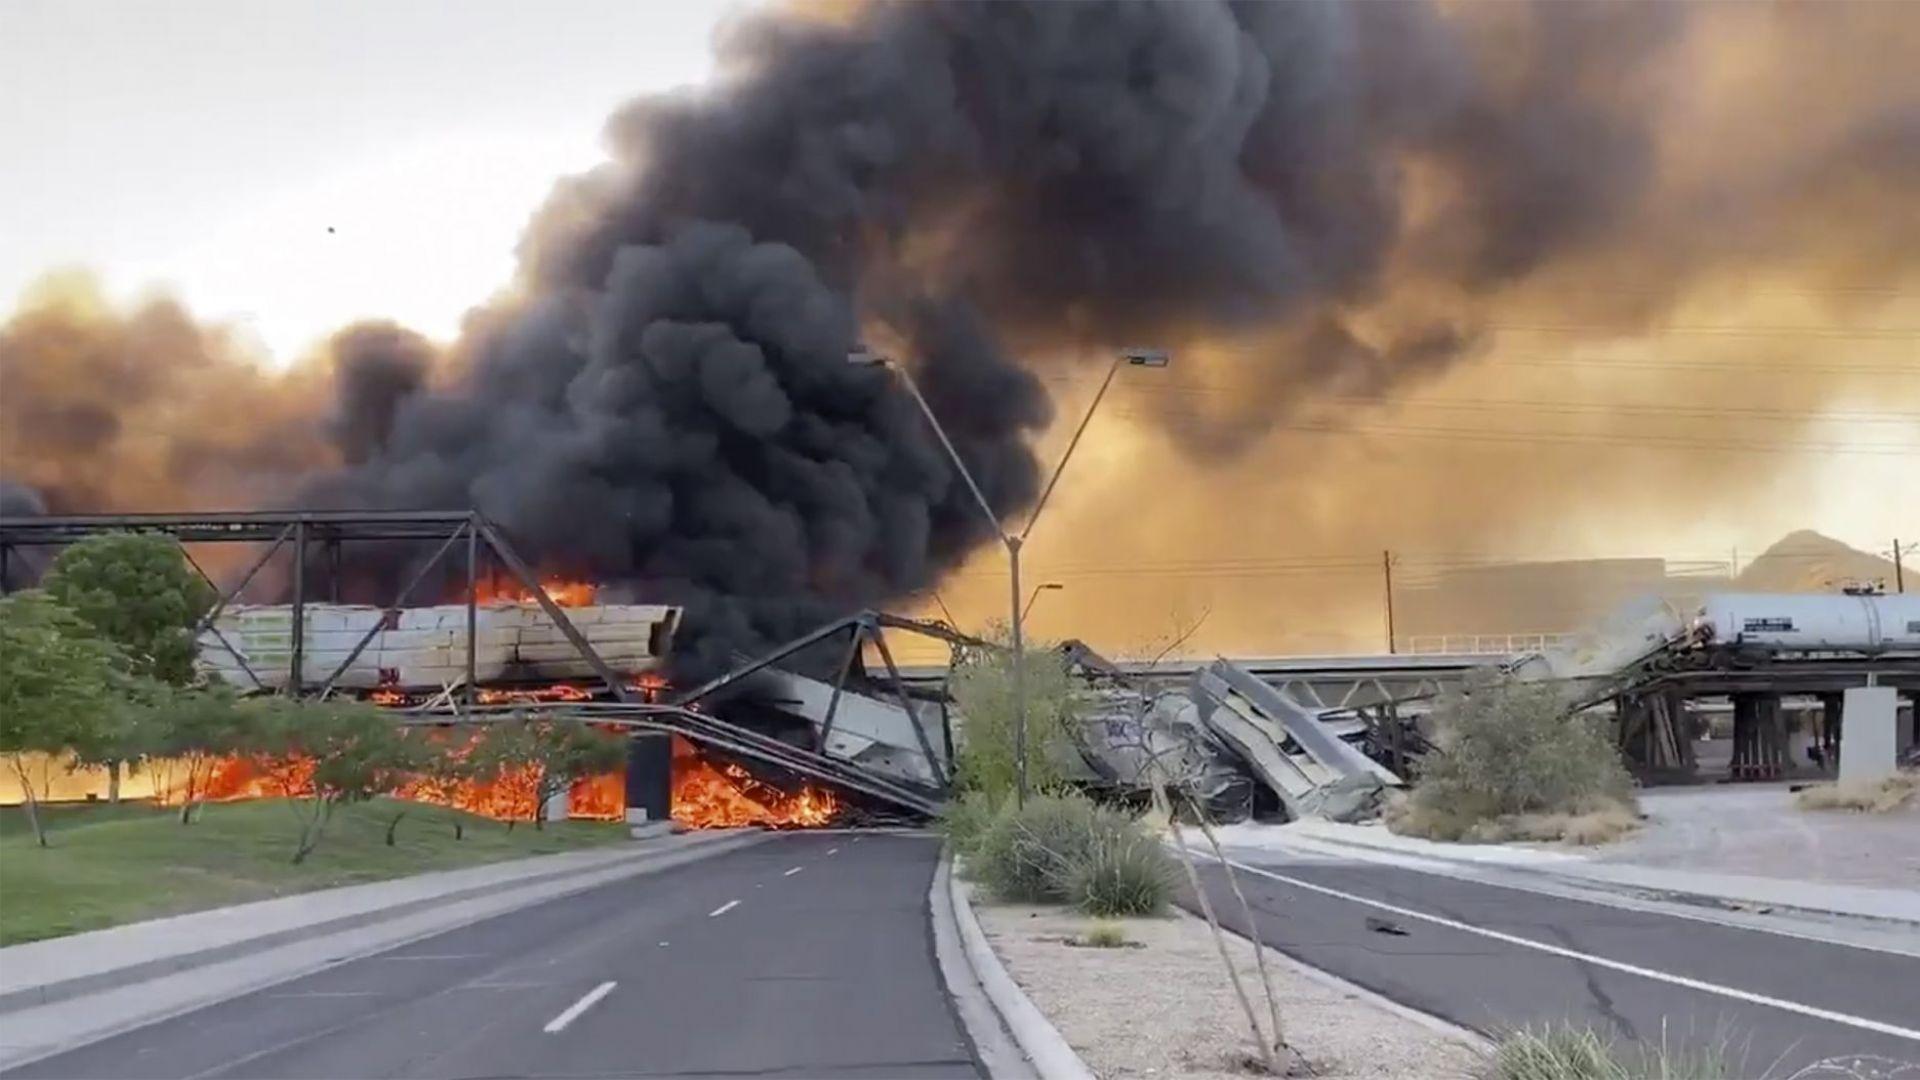 Товарен влак дерайлира, запали се и падна от срутил се мост в Аризона (снимки, видео)